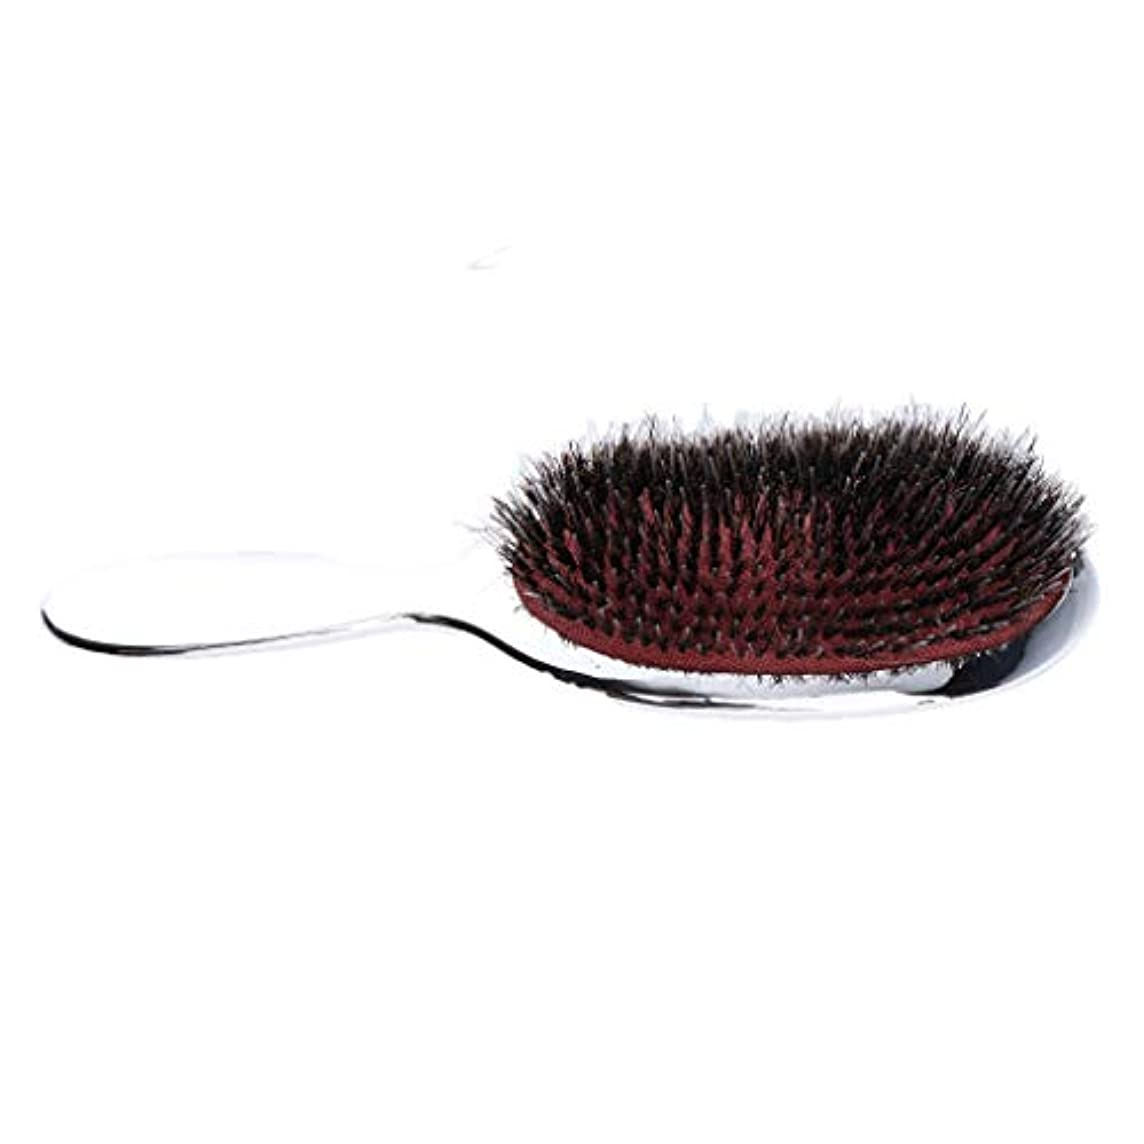 トリップくつろぎオーストラリア男性の胸毛のナイロン毛のひげ口ひげの手のハンドルdetanglerの櫛 - シルバー